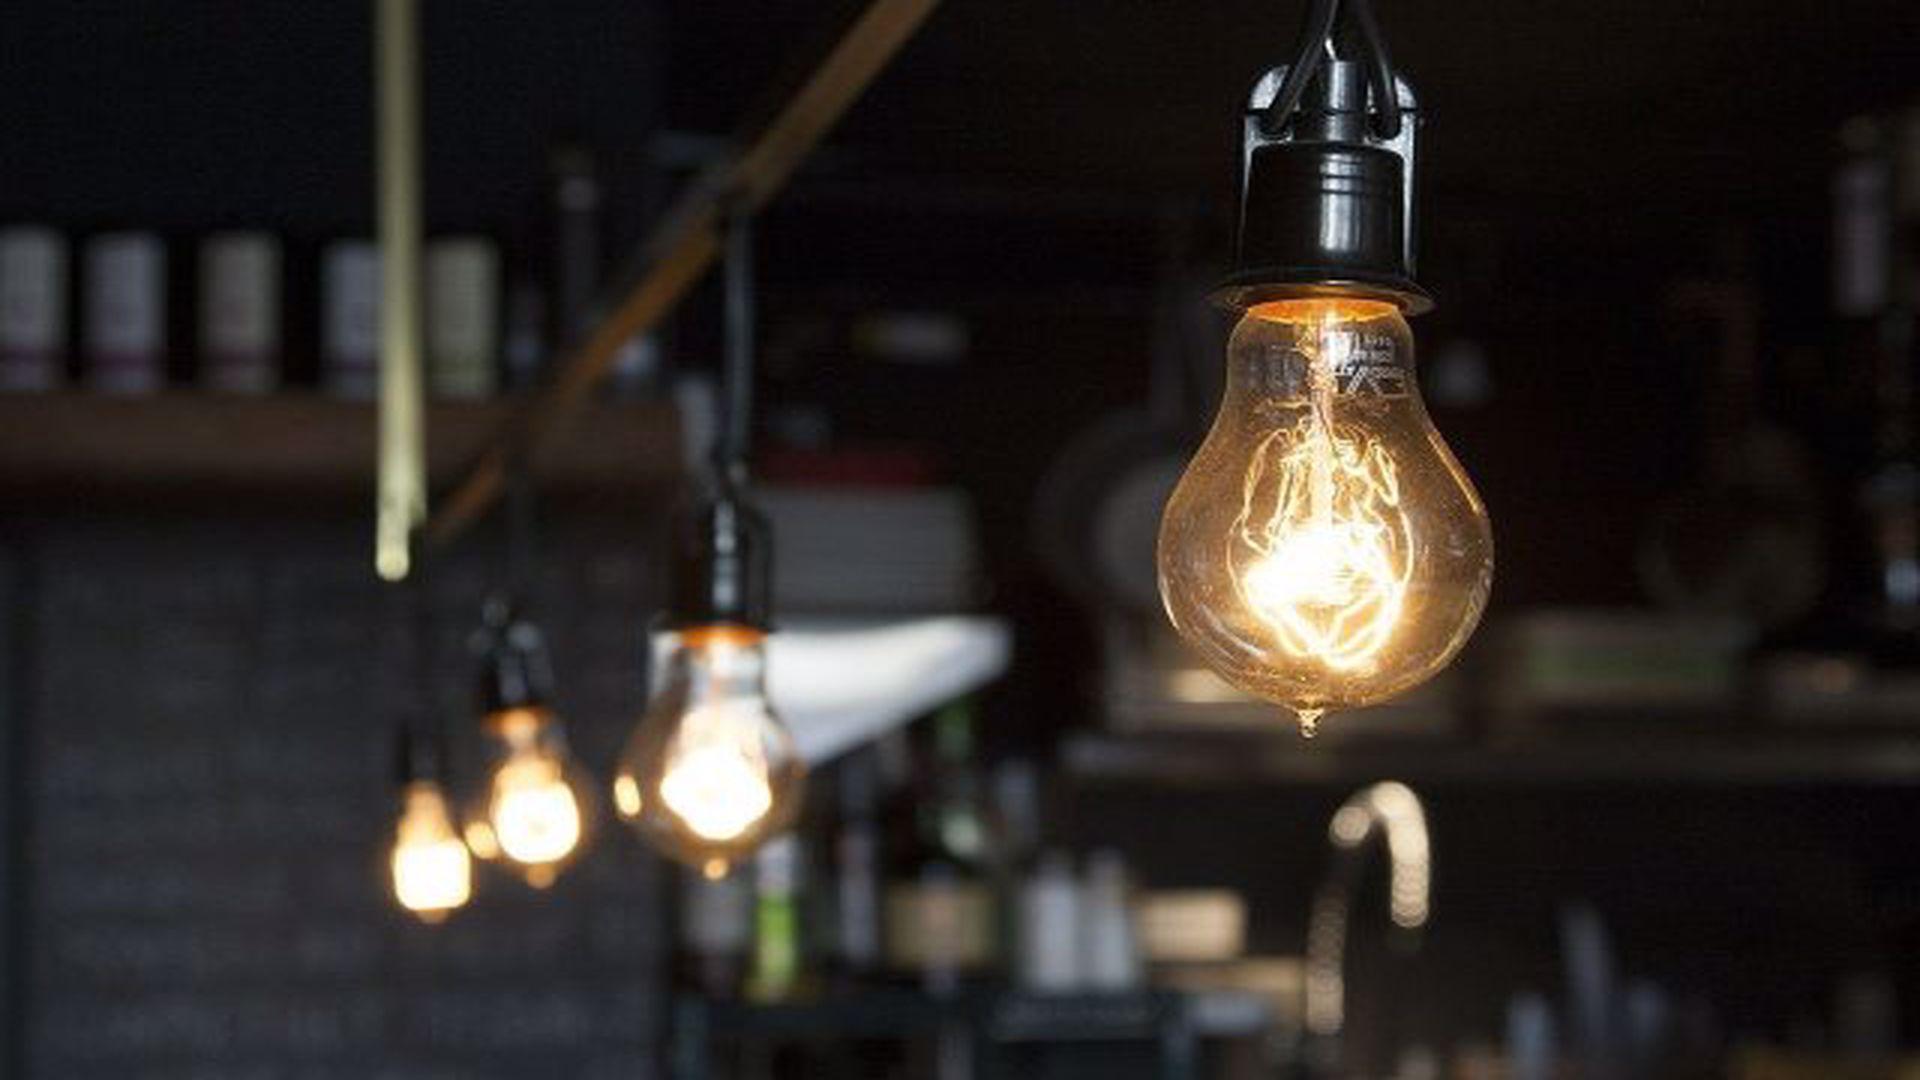 Preț energie electrică 2021: cât cresc facturile din 2021 la curent